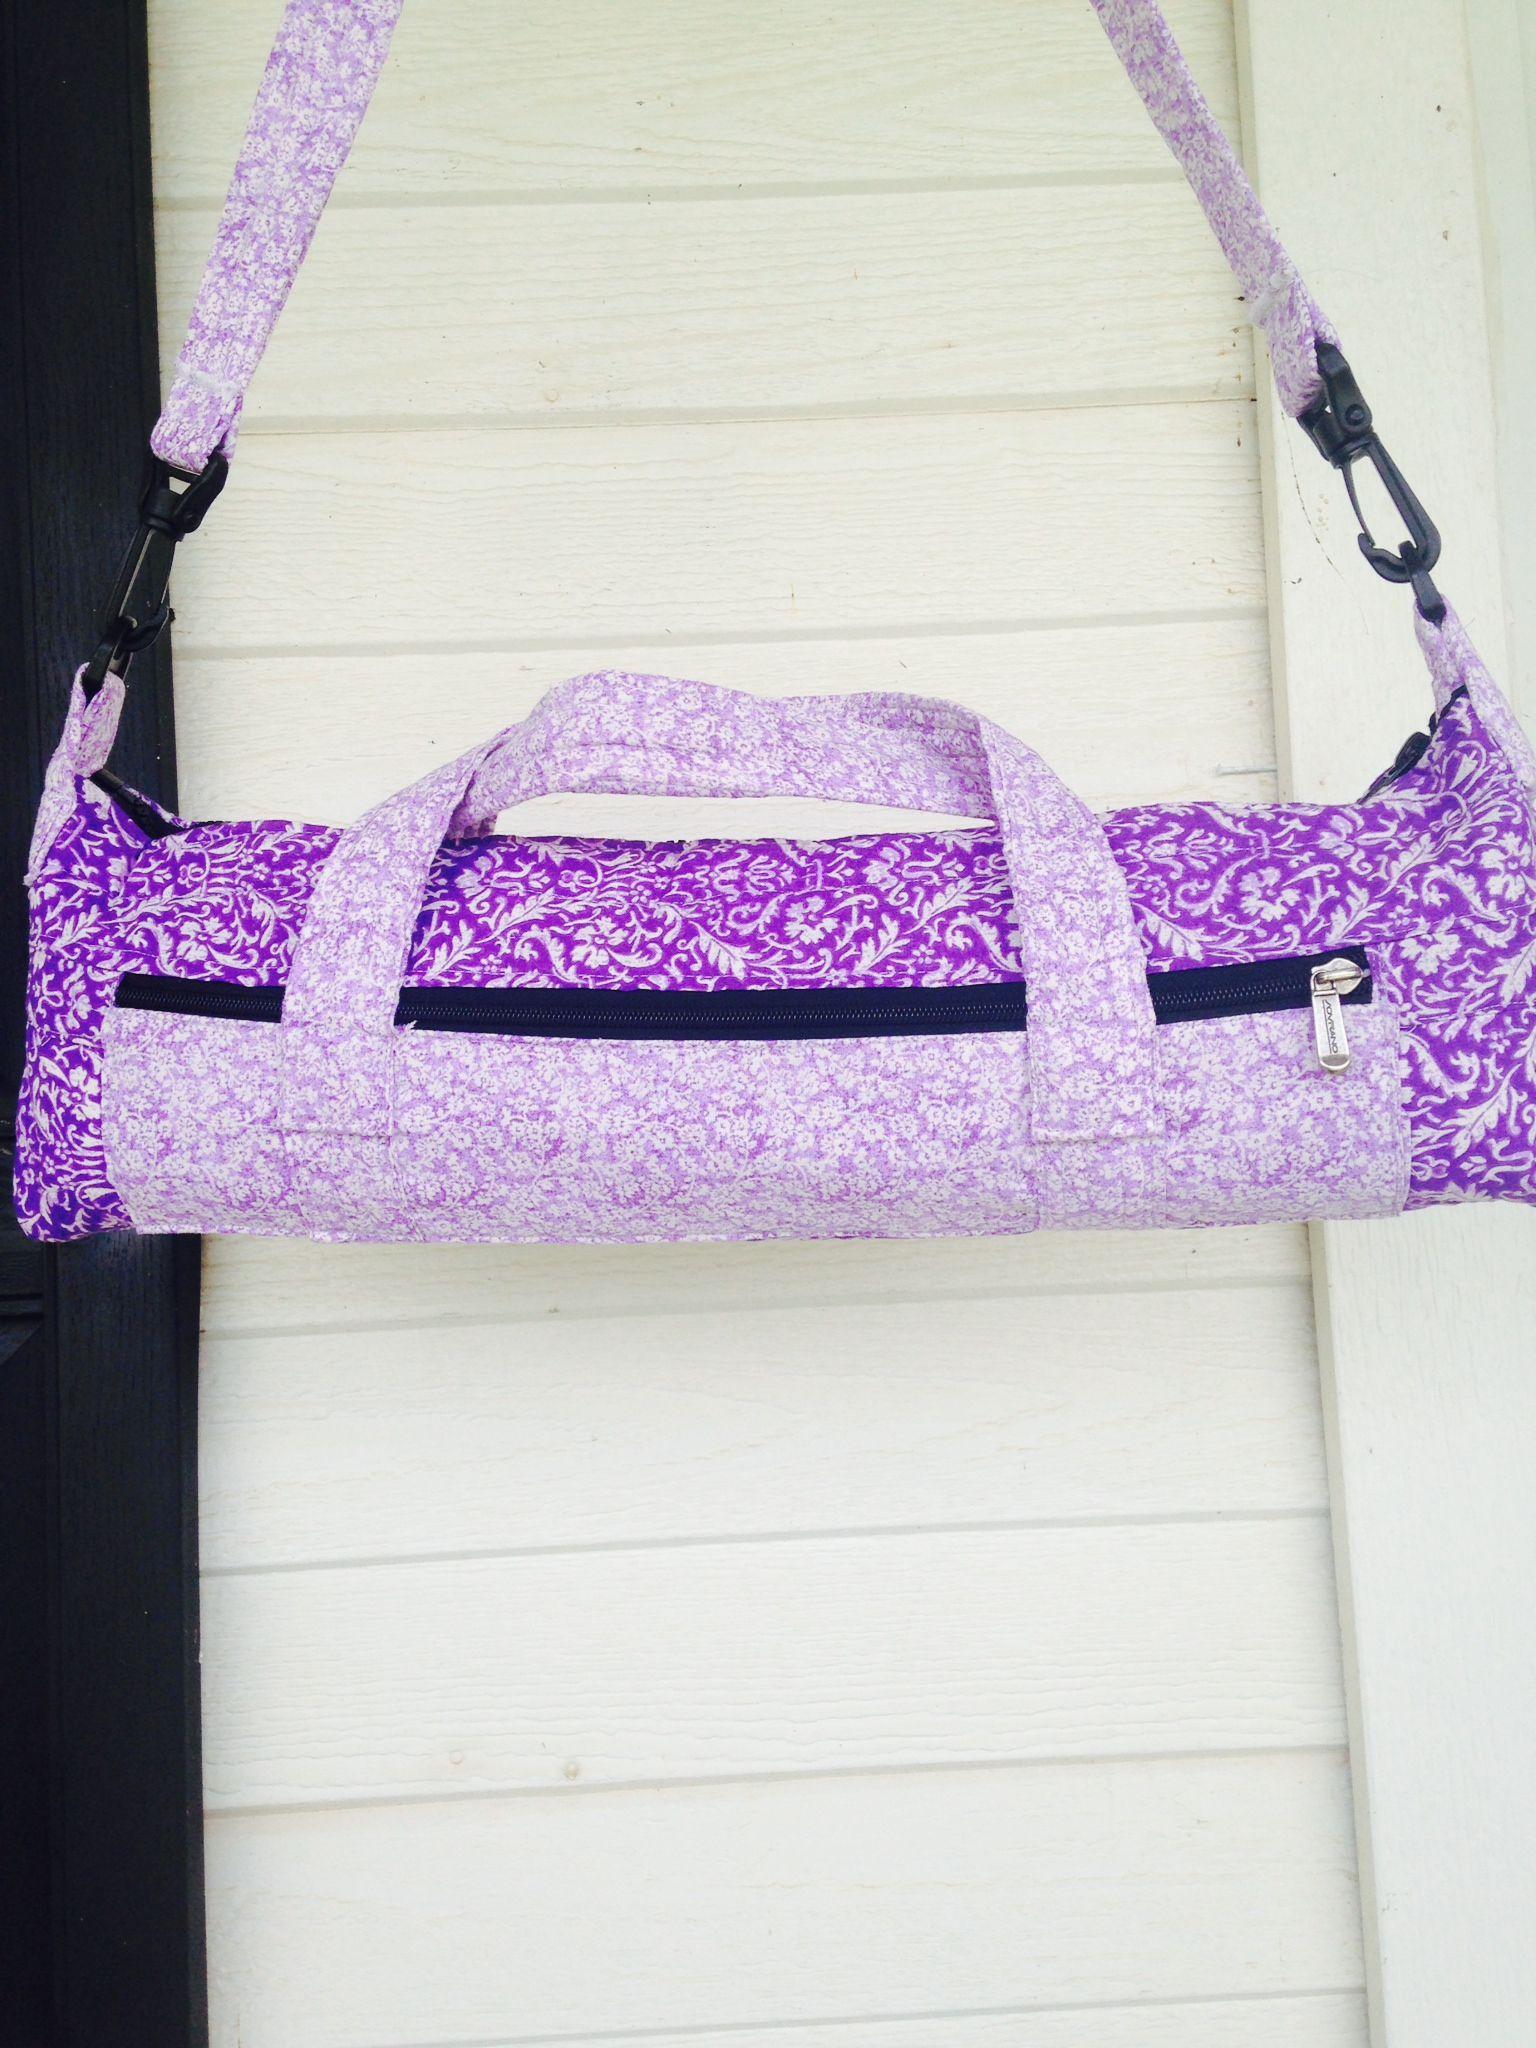 a052a7419e6 Purple flute case cover   CcUniqueDesigns   Pinterest   Flute, Music ...